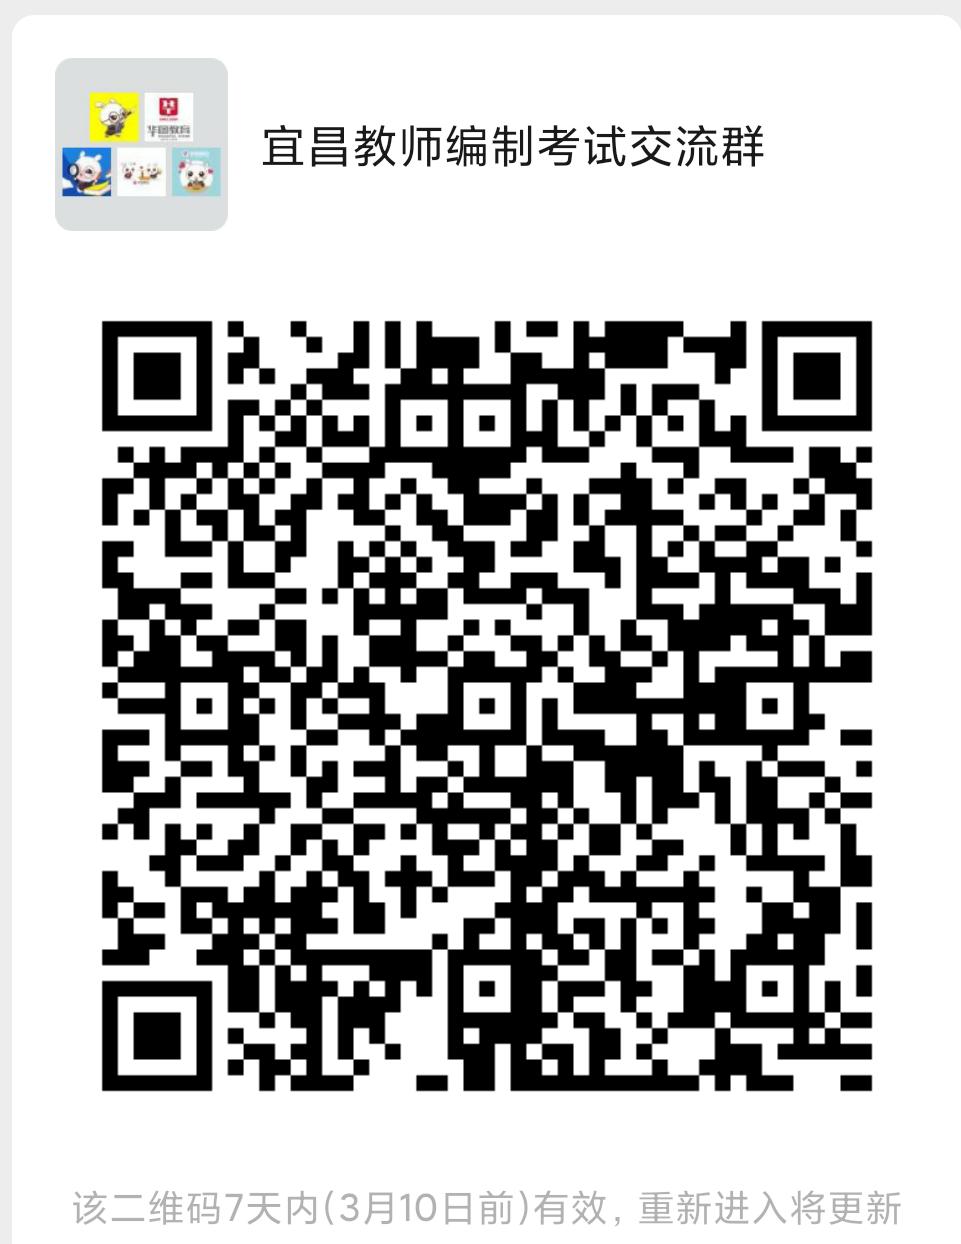 2021年宜昌宜都市教育系统引进紧缺急需人才【19人】